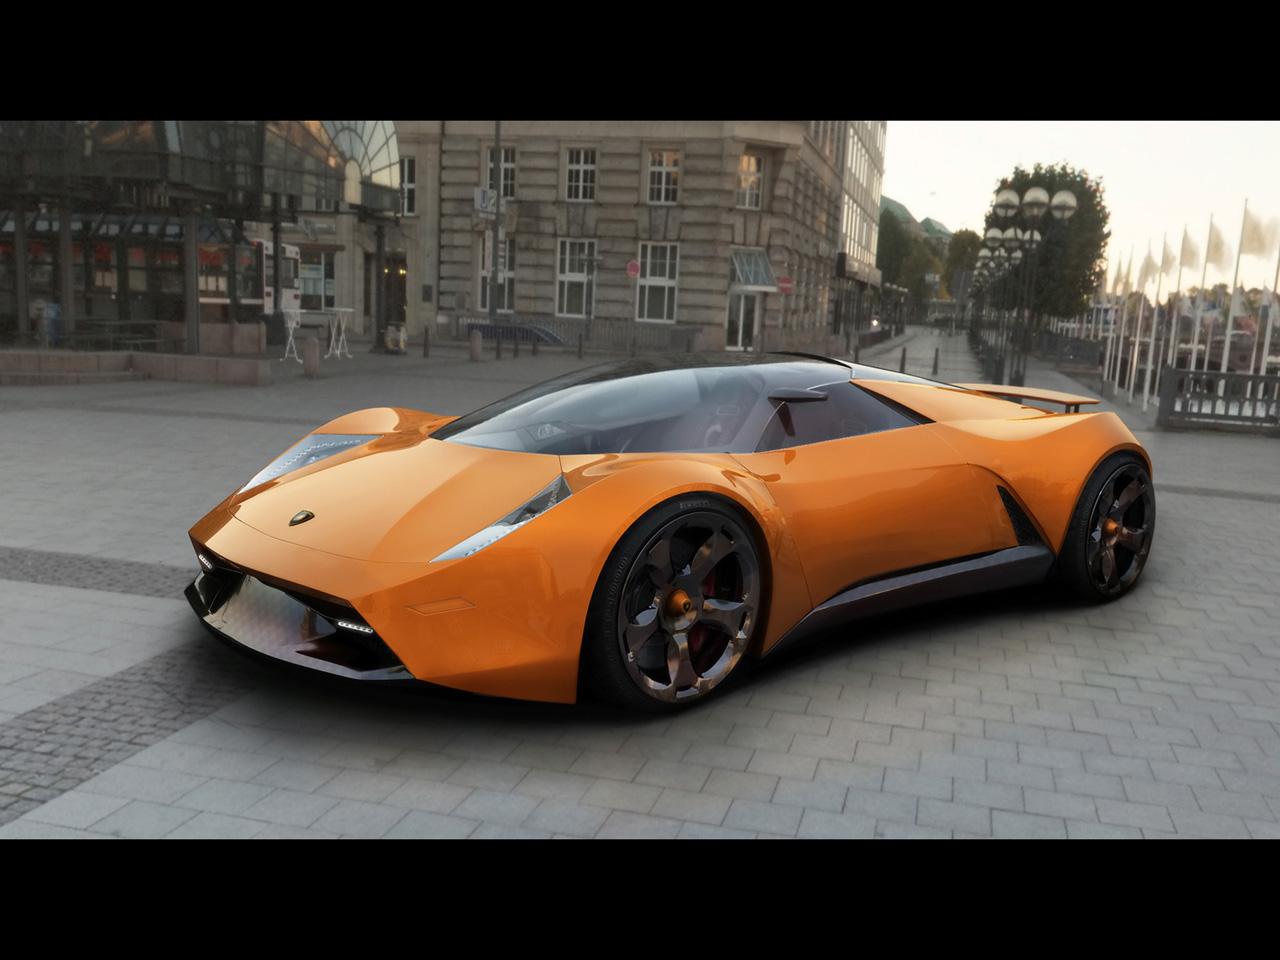 HD Wallpapers 2009 Lamborghini Insecta Concept Design